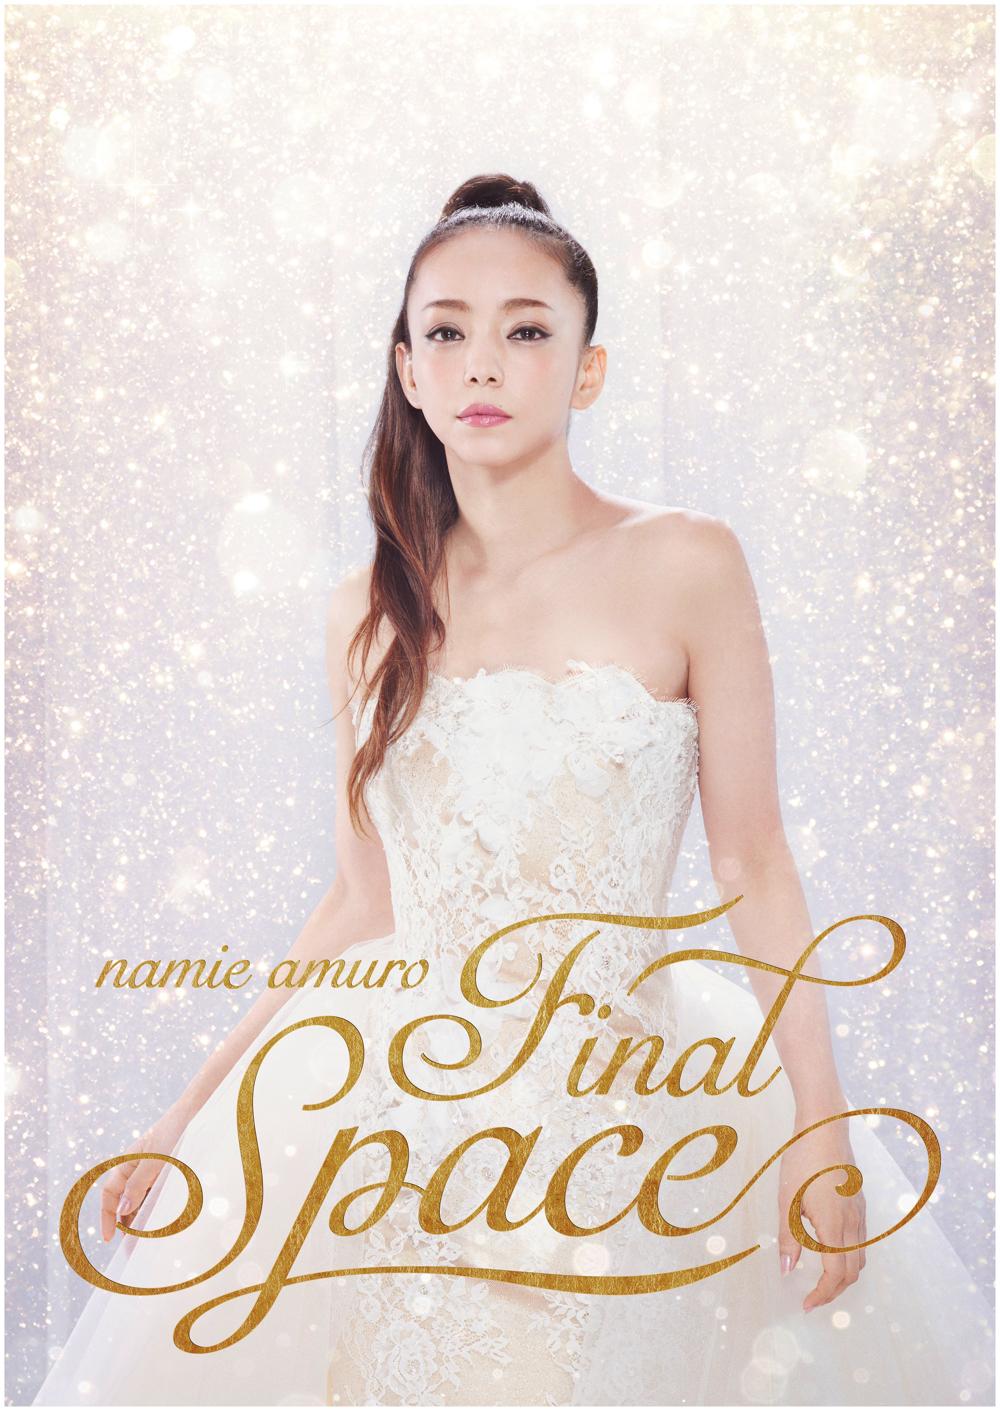 安室奈美恵の軌跡を辿る体感型の展覧会namie Amuro Final Space 東京